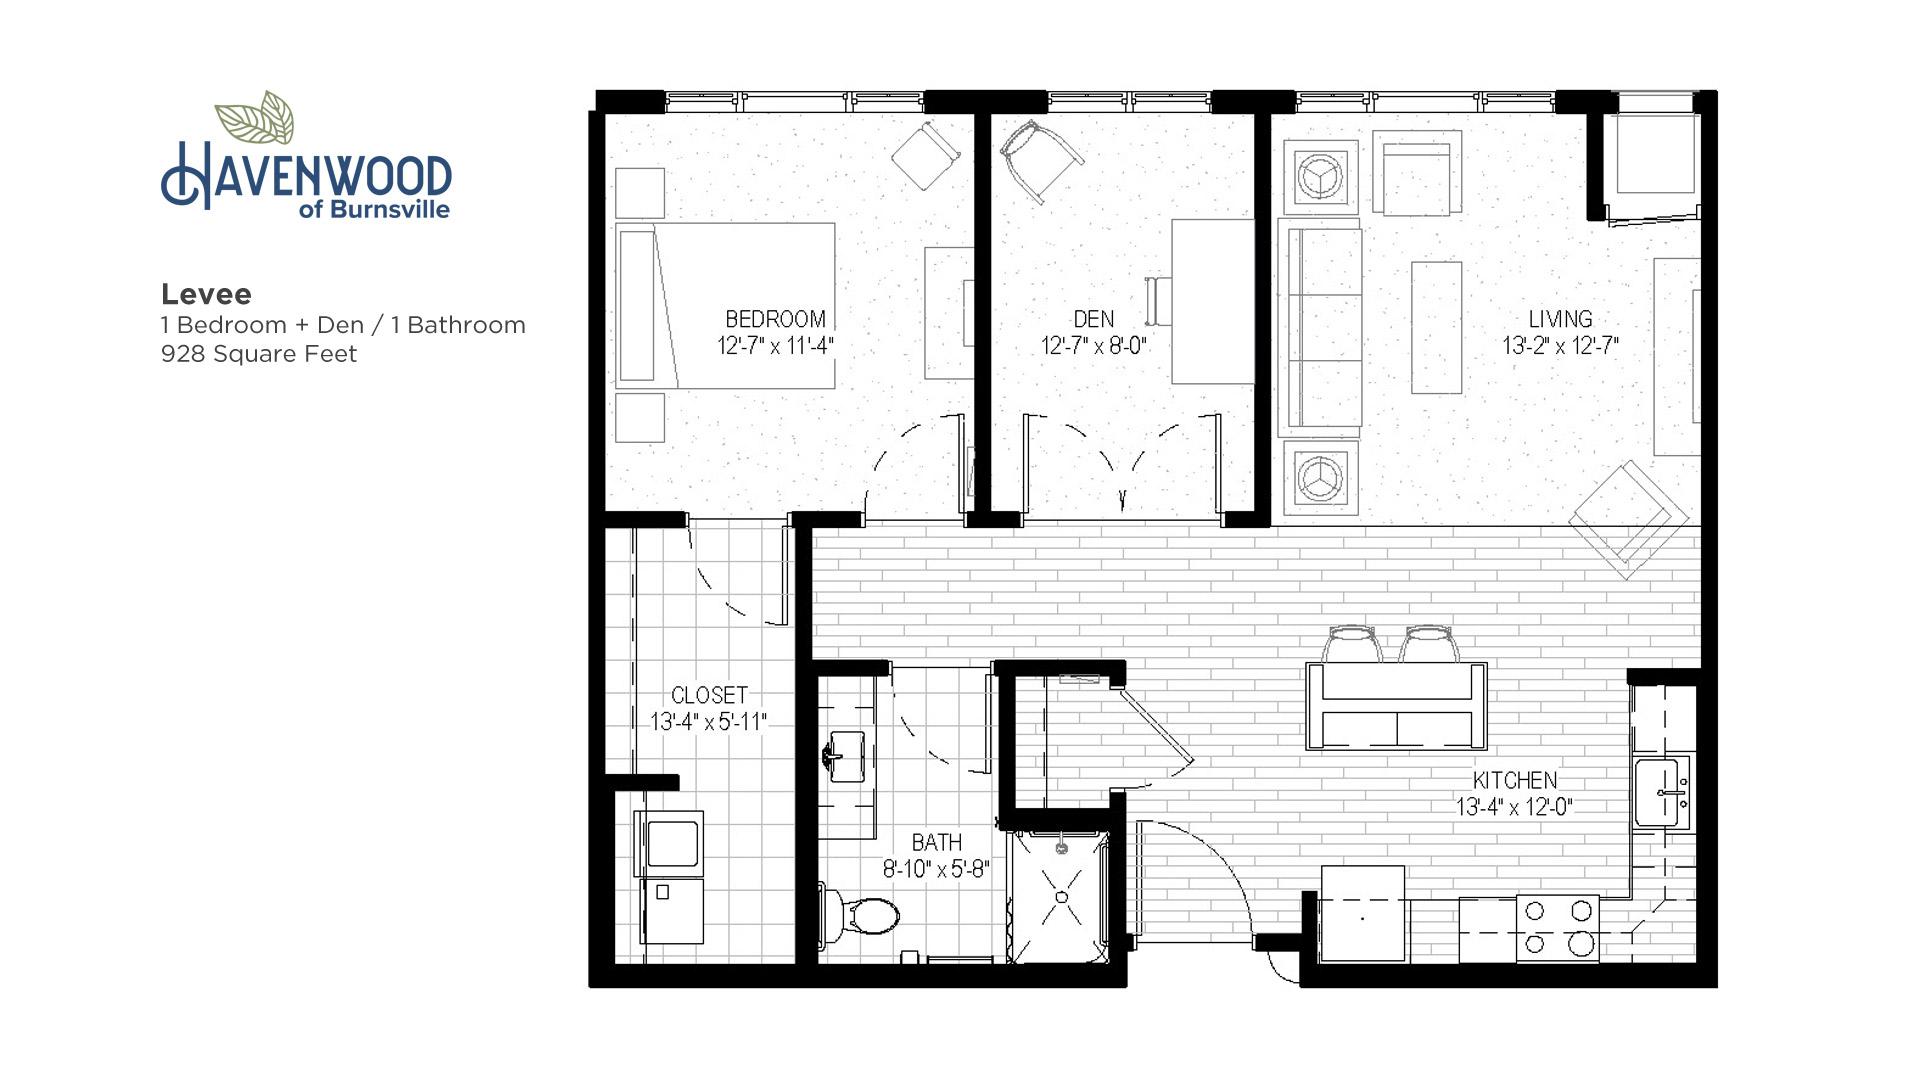 Havenwood of Burnsville Levee Floor Plan